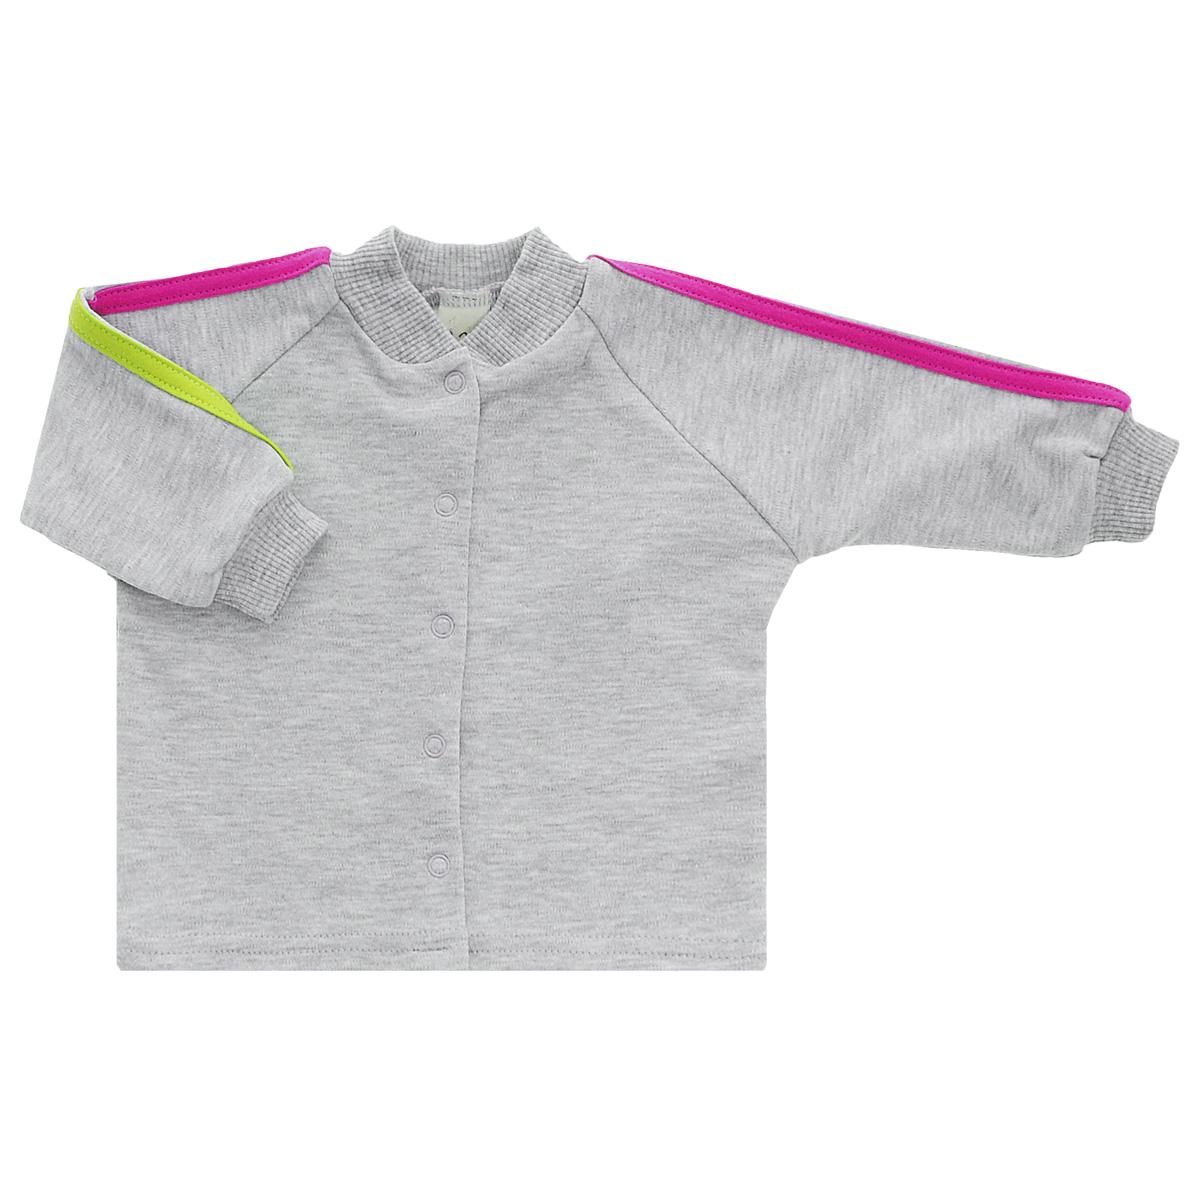 Кофточка детская Lucky Child, цвет: серый, розовый. 1-16. Размер 56/621-16Кофточка для новорожденного Lucky Child с длинными рукавами-реглан послужит идеальным дополнением к гардеробу вашего малыша, обеспечивая ему наибольший комфорт. Изготовленная из интерлока - натурального хлопка, она необычайно мягкая и легкая, не раздражает нежную кожу ребенка и хорошо вентилируется, а эластичные швы приятны телу малыша и не препятствуют его движениям. Удобные застежки-кнопки по всей длине помогают легко переодеть младенца. Рукава понизу дополнены широкими трикотажными манжетами, не стягивающими запястья. Кофточка полностью соответствует особенностям жизни ребенка в ранний период, не стесняя и не ограничивая его в движениях. В ней ваш малыш всегда будет в центре внимания.